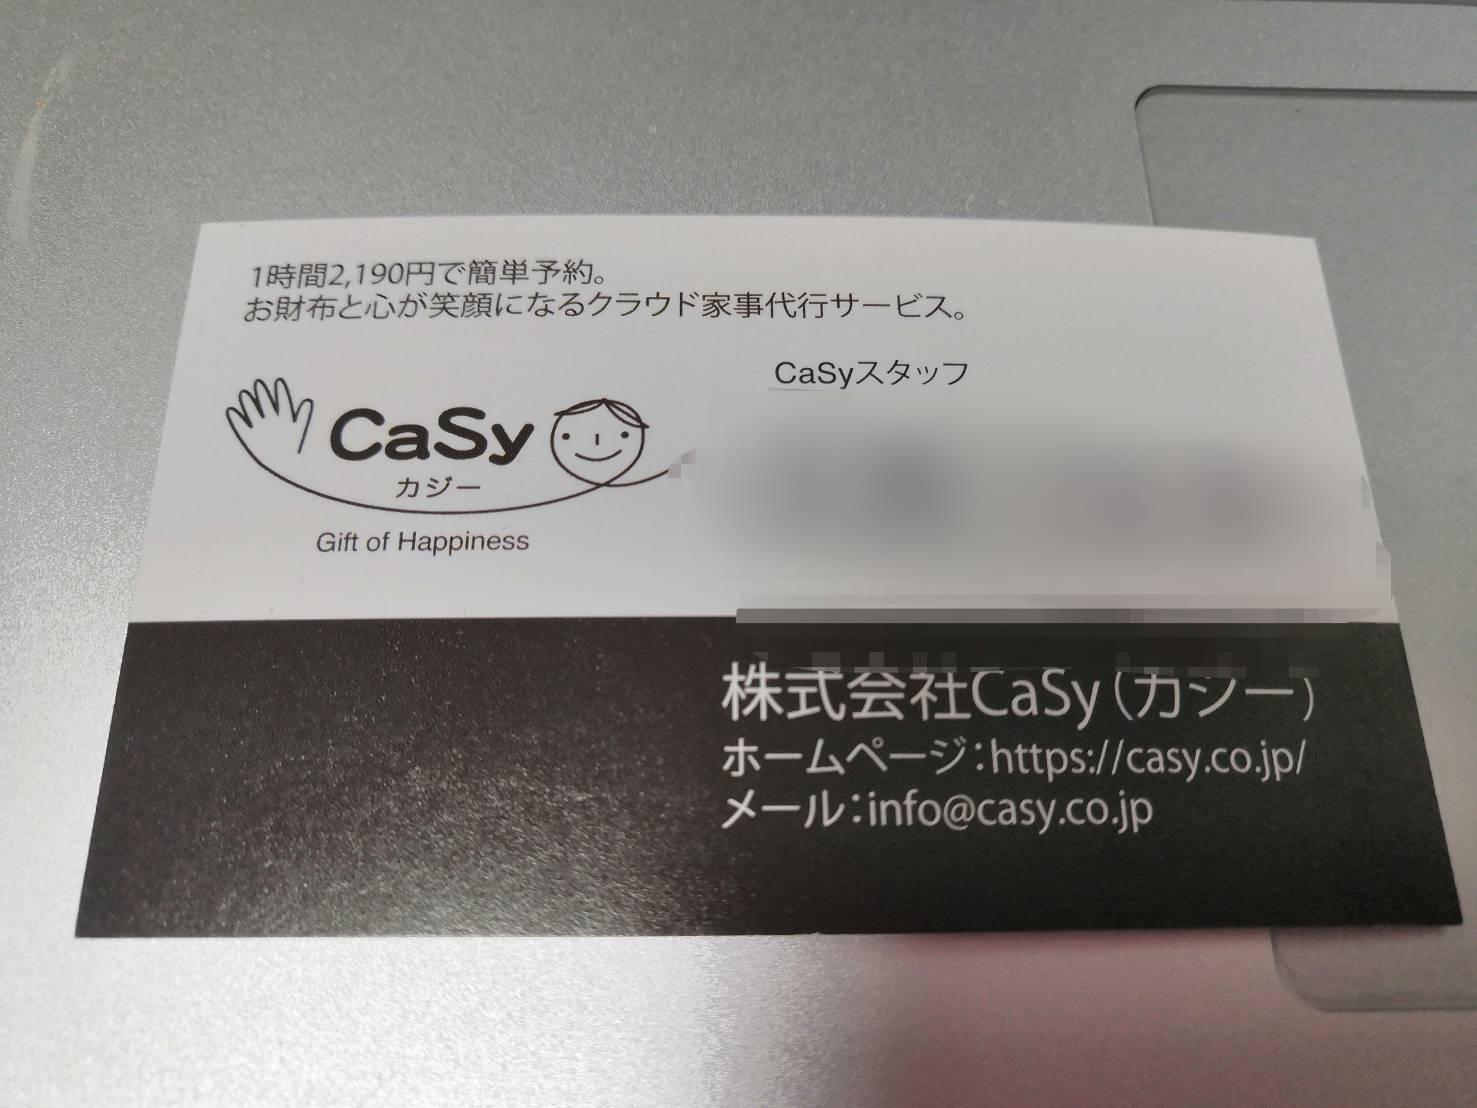 カジ―スタッフさんの名刺